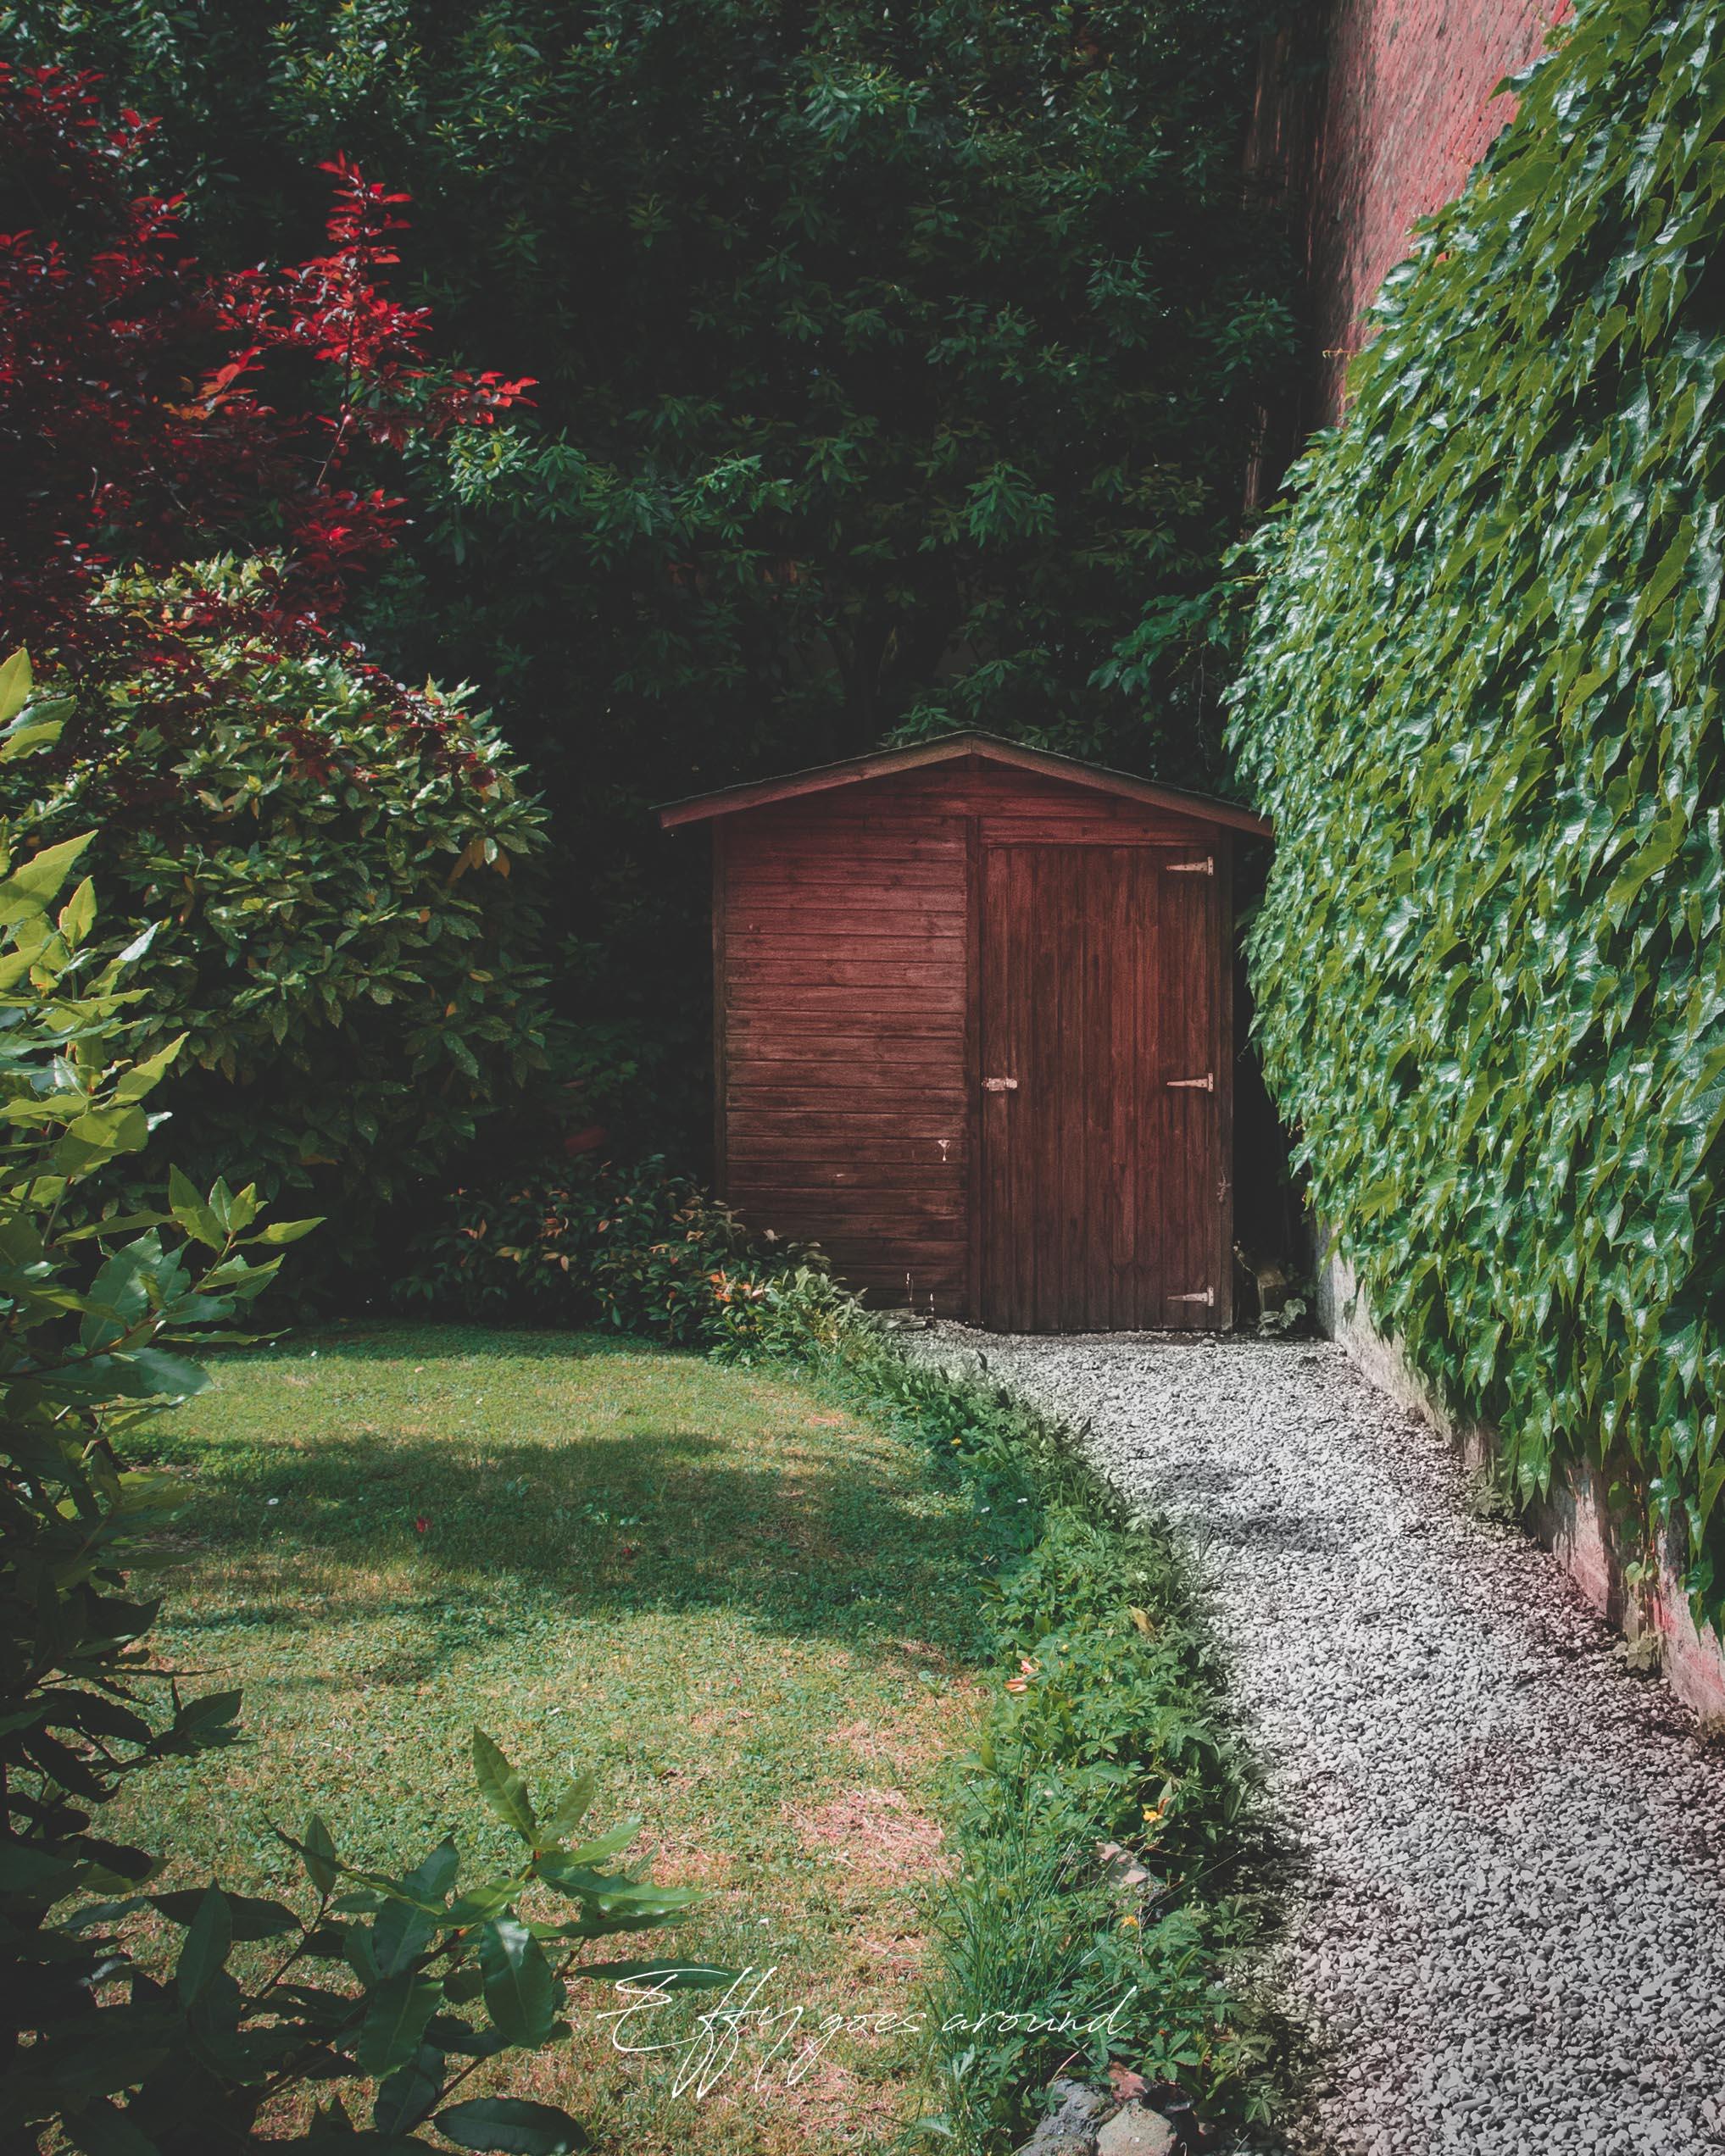 casetta in legno e siepe rampicante nel giardino di Casa Giglioli a Ferrara per Interno Verde